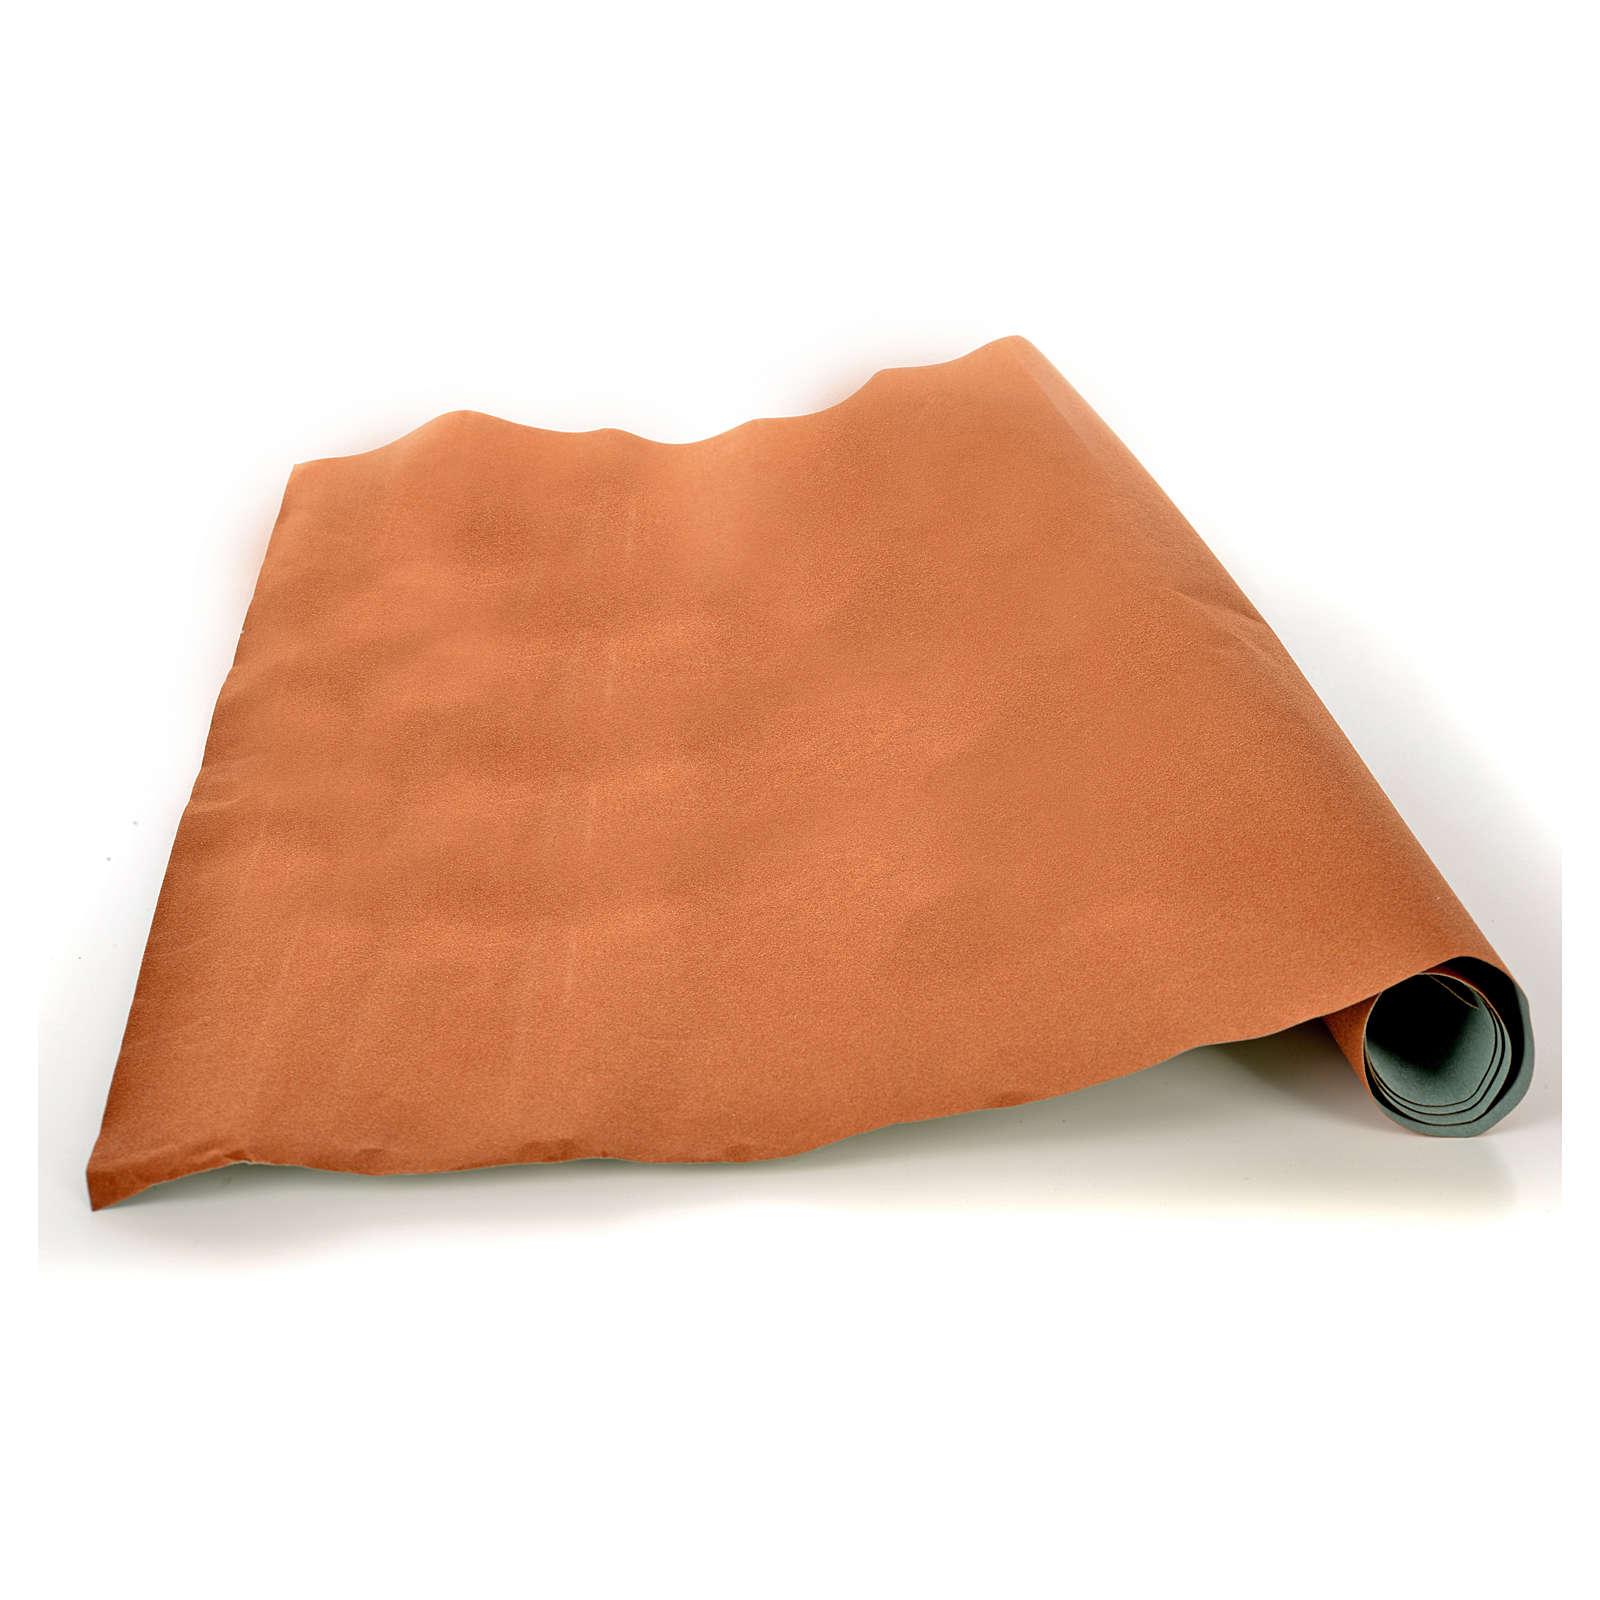 Rotolo carta marrone velluto 70 x 50 cm 4